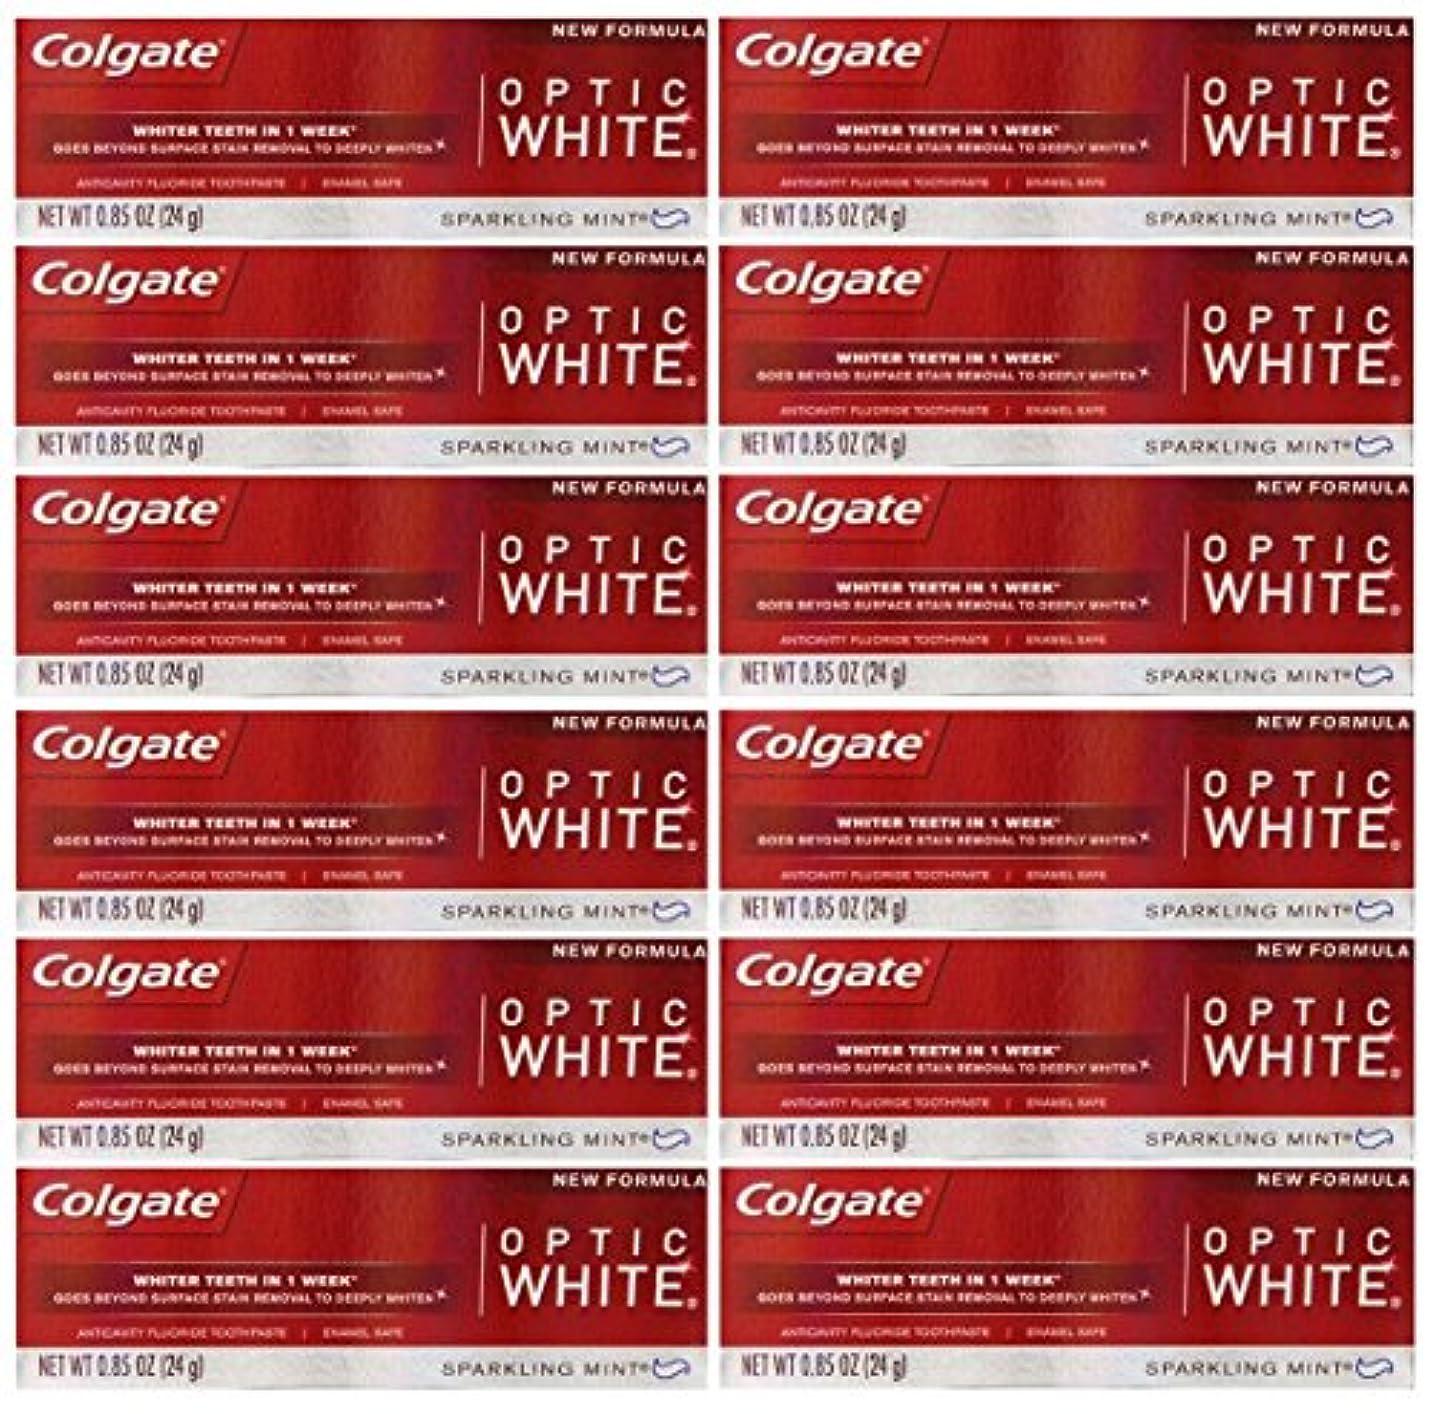 ありがたいモディッシュ植物学Colgate 12パック - ハミガキ、スパークリングホワイト、スパークリングミント、トラベルサイズ0.85オンスホワイトニングオプティックホワイト歯